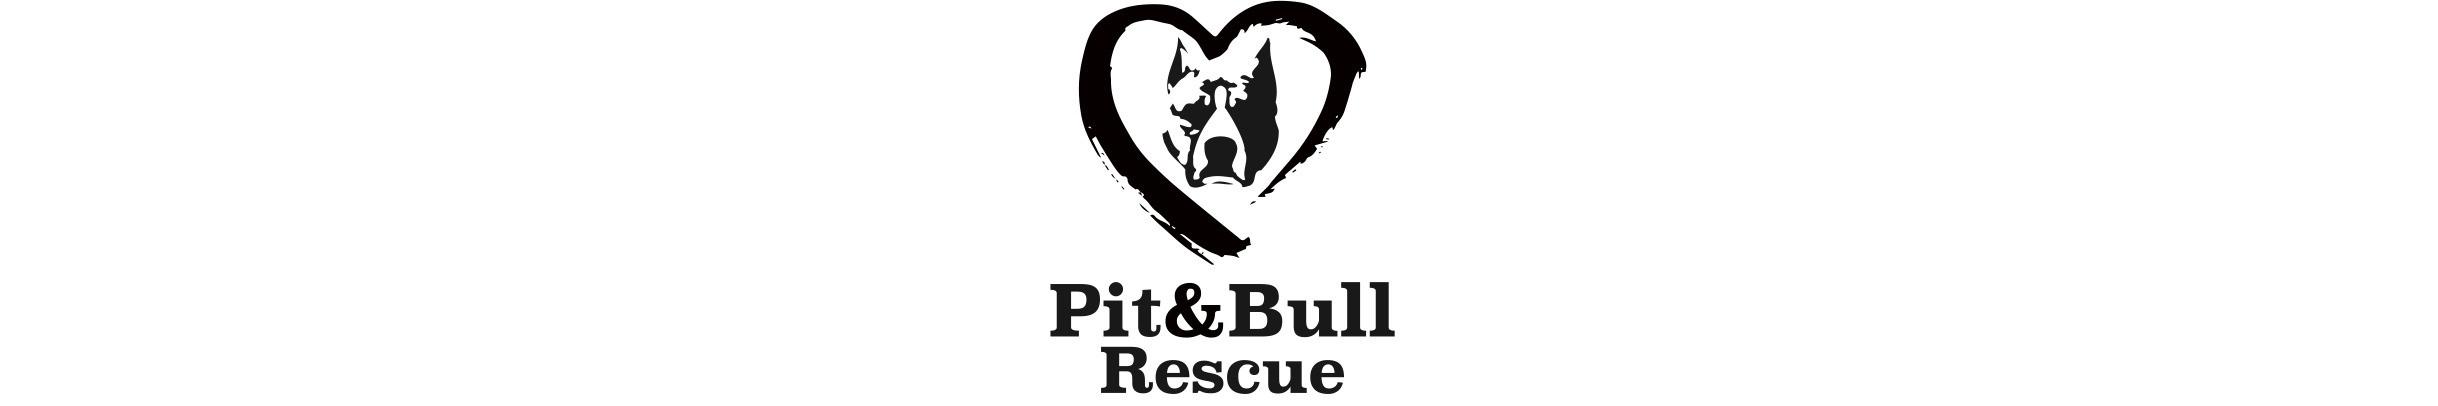 Pit&Bull Rescue Marbella - Adopción de perros